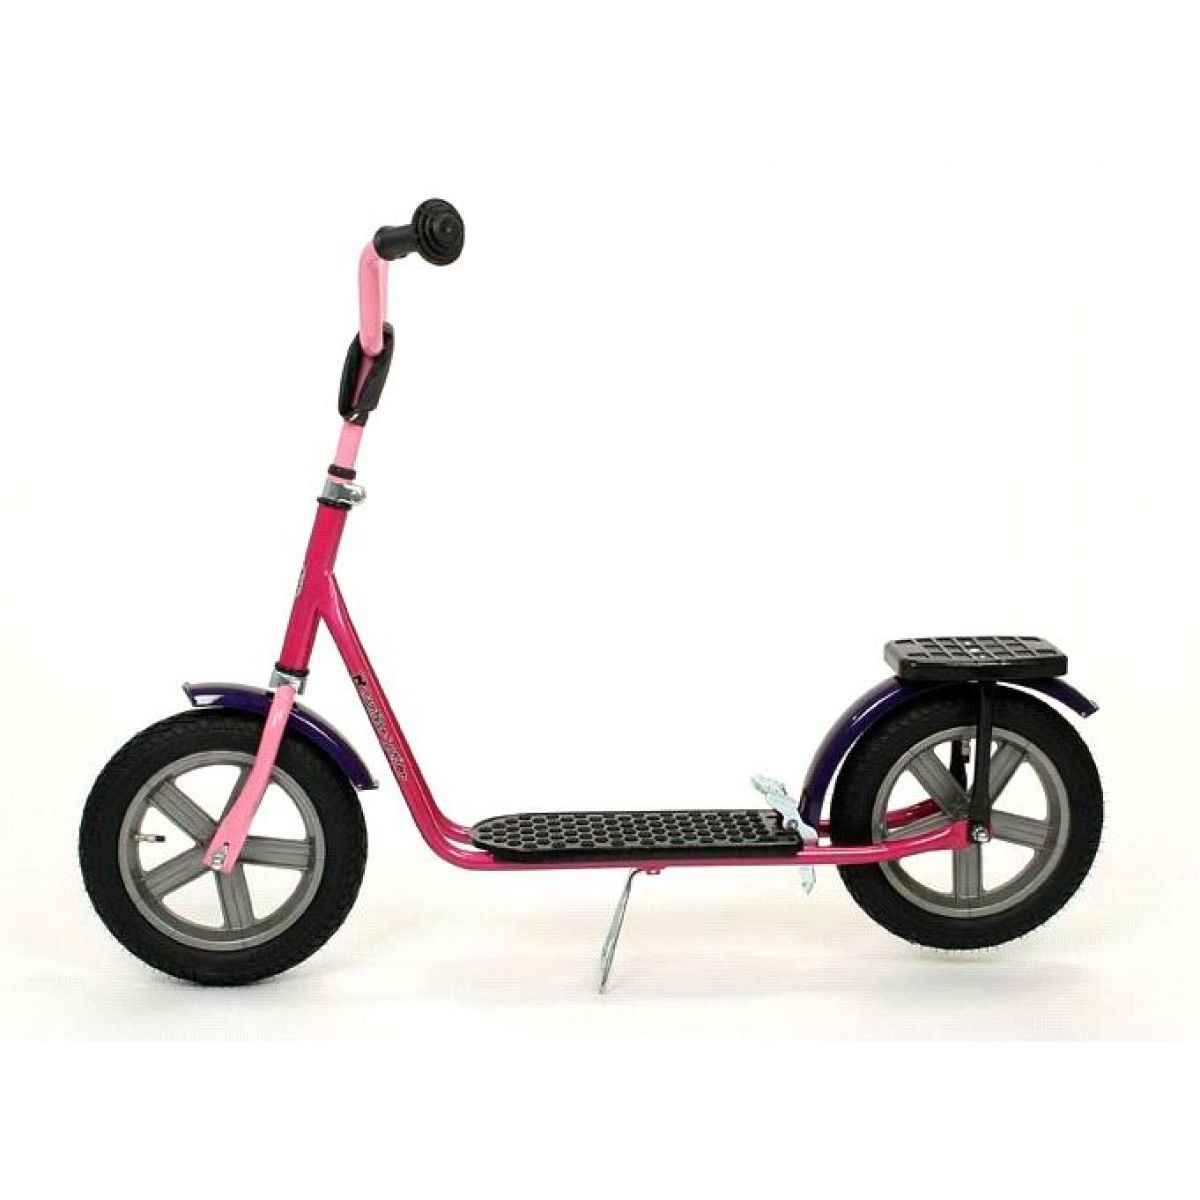 Panther Junior Koloběžka TRIXX 12 RADIANT - šedý PVC ráfek, Rose pink